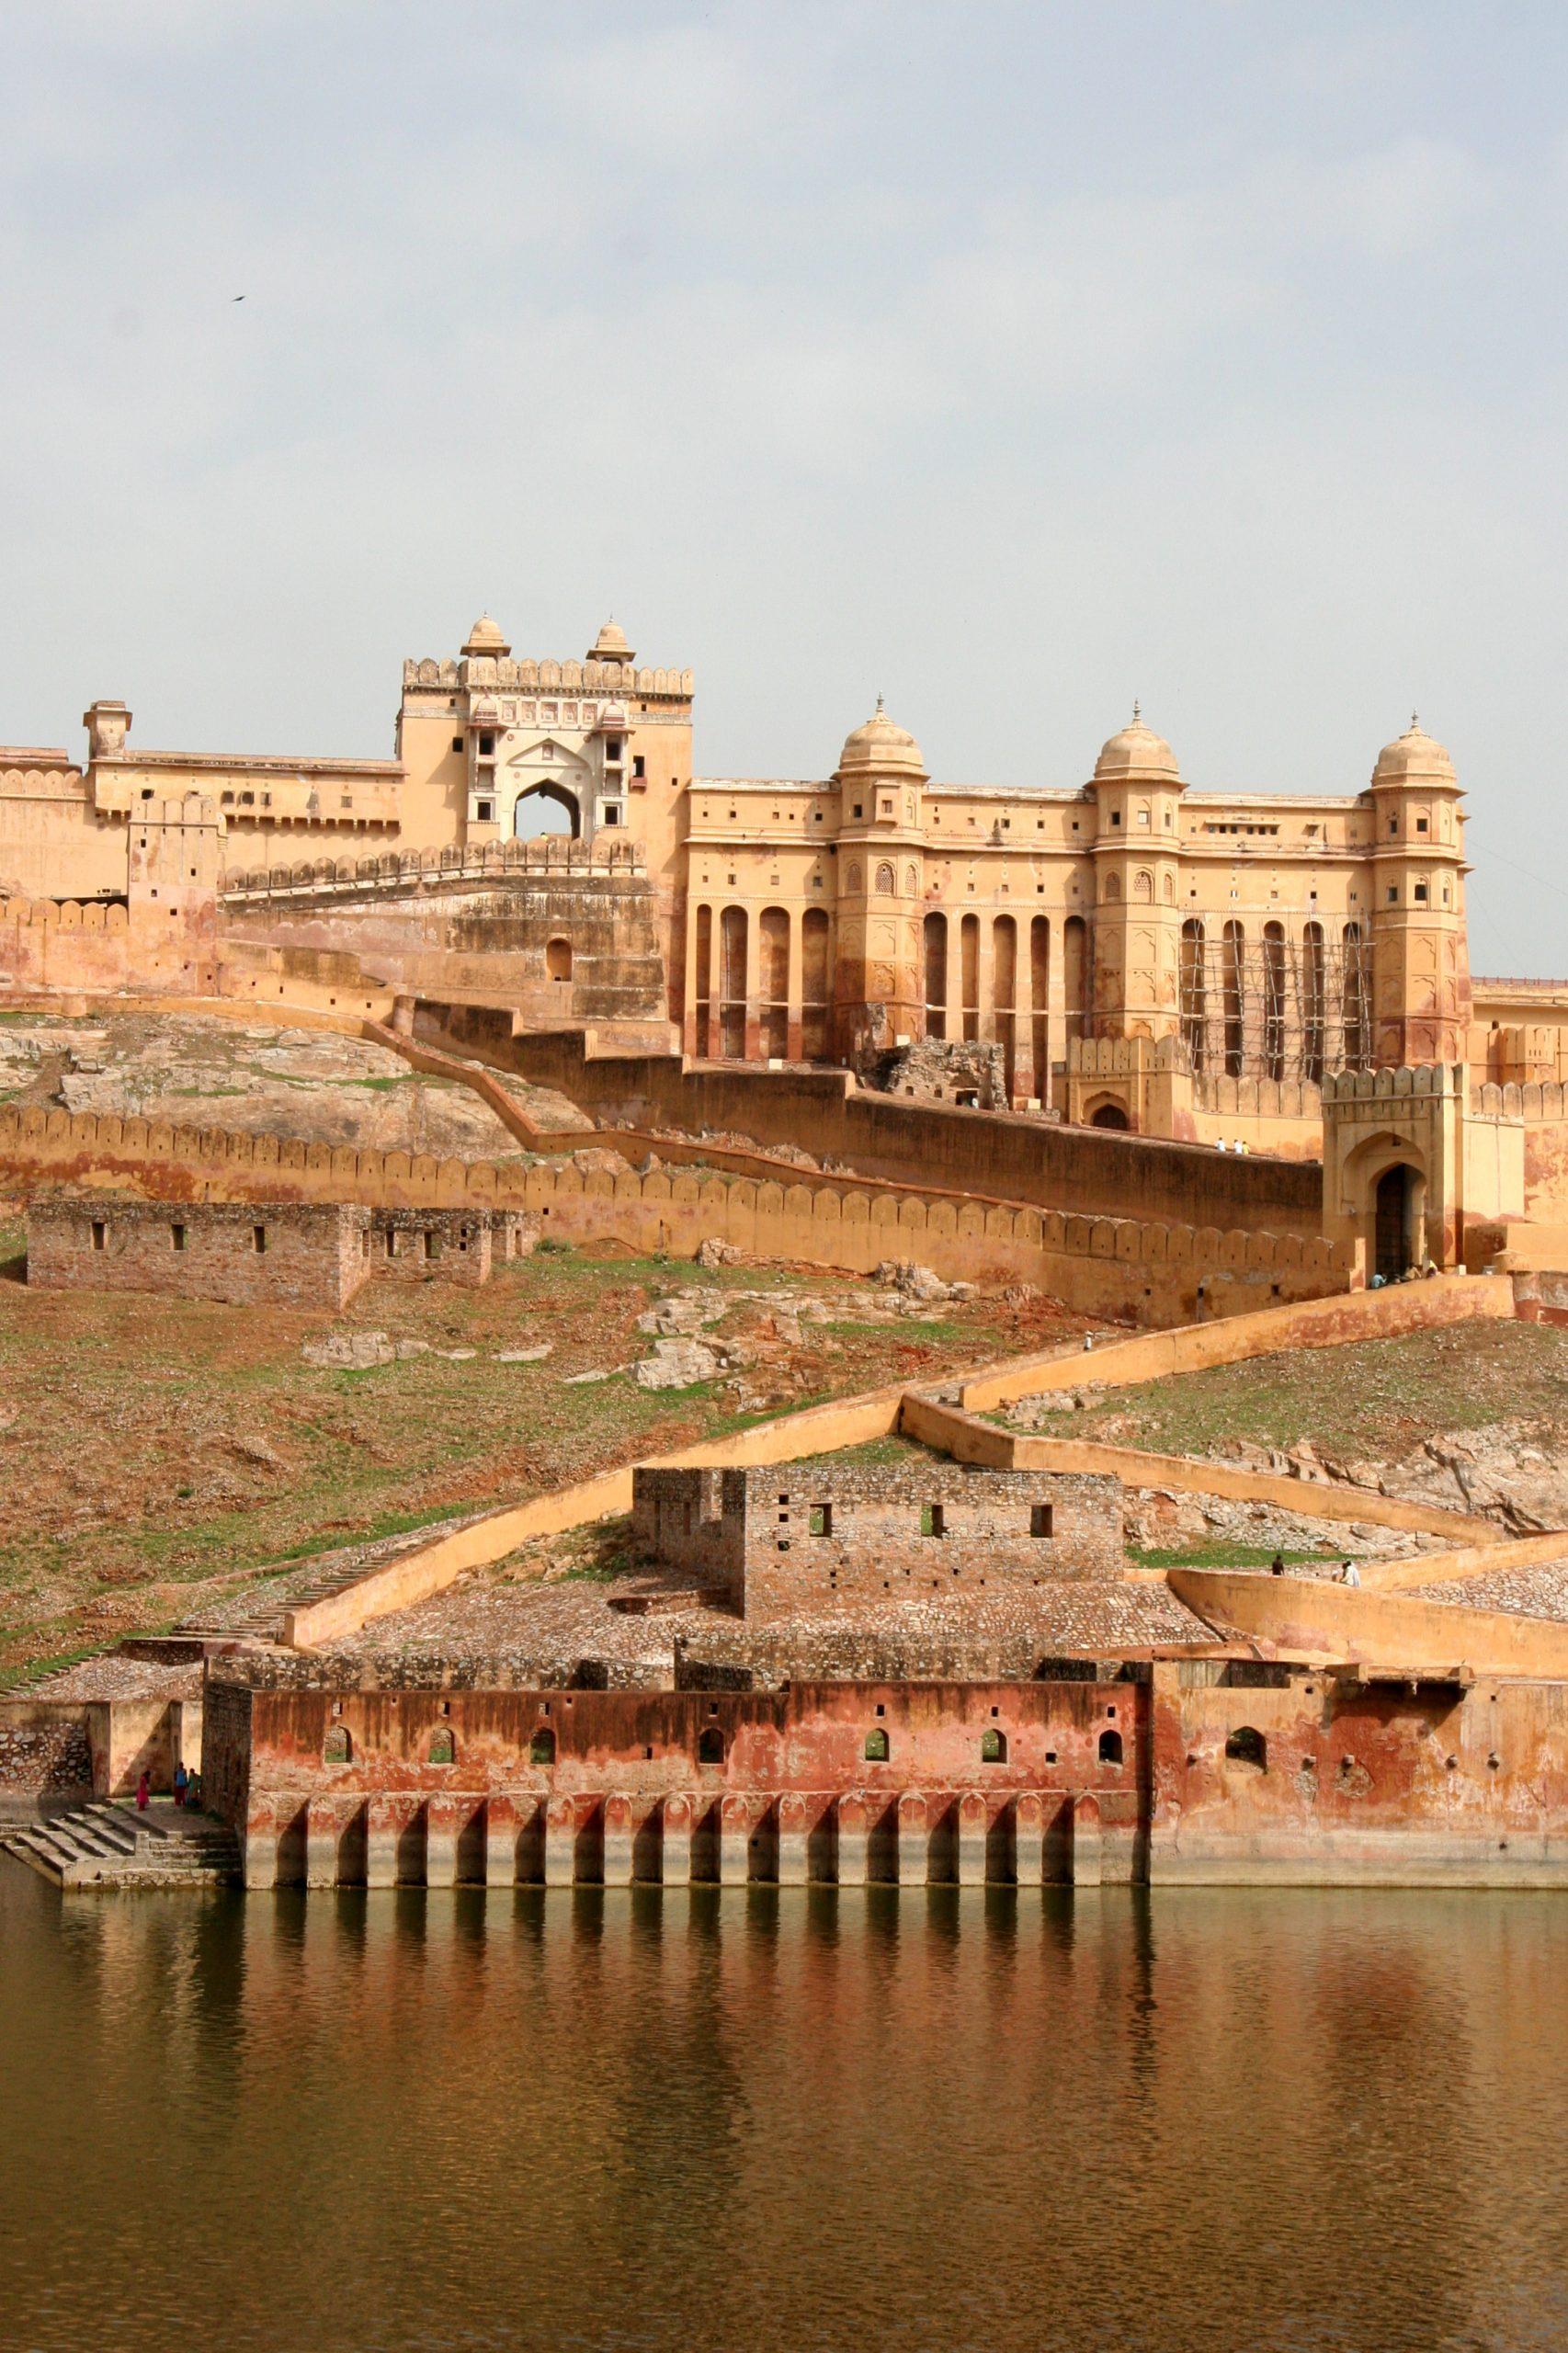 2015, Amer Fort, Jaipur, India